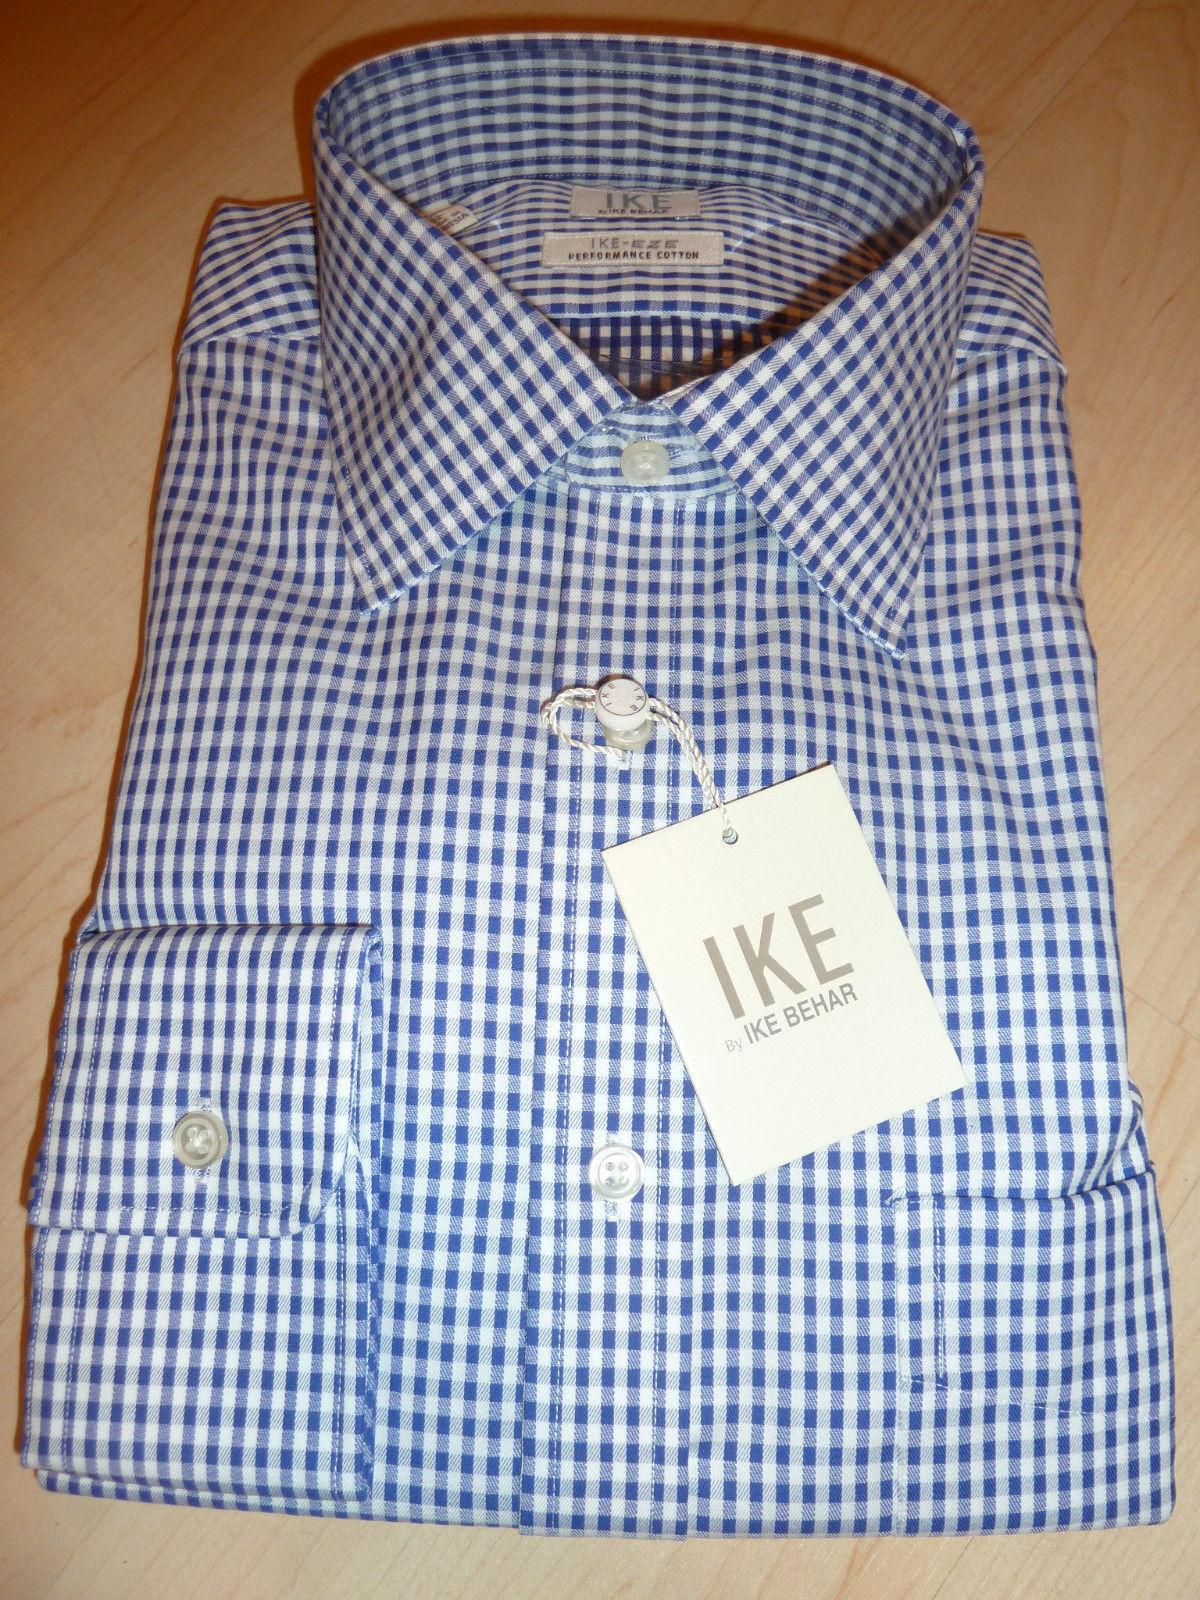 NEW 190 IKE BEHAR  Herren SHIRT Sz 15.5 34 EZE Non-Iron Performance Cotton Blau BC